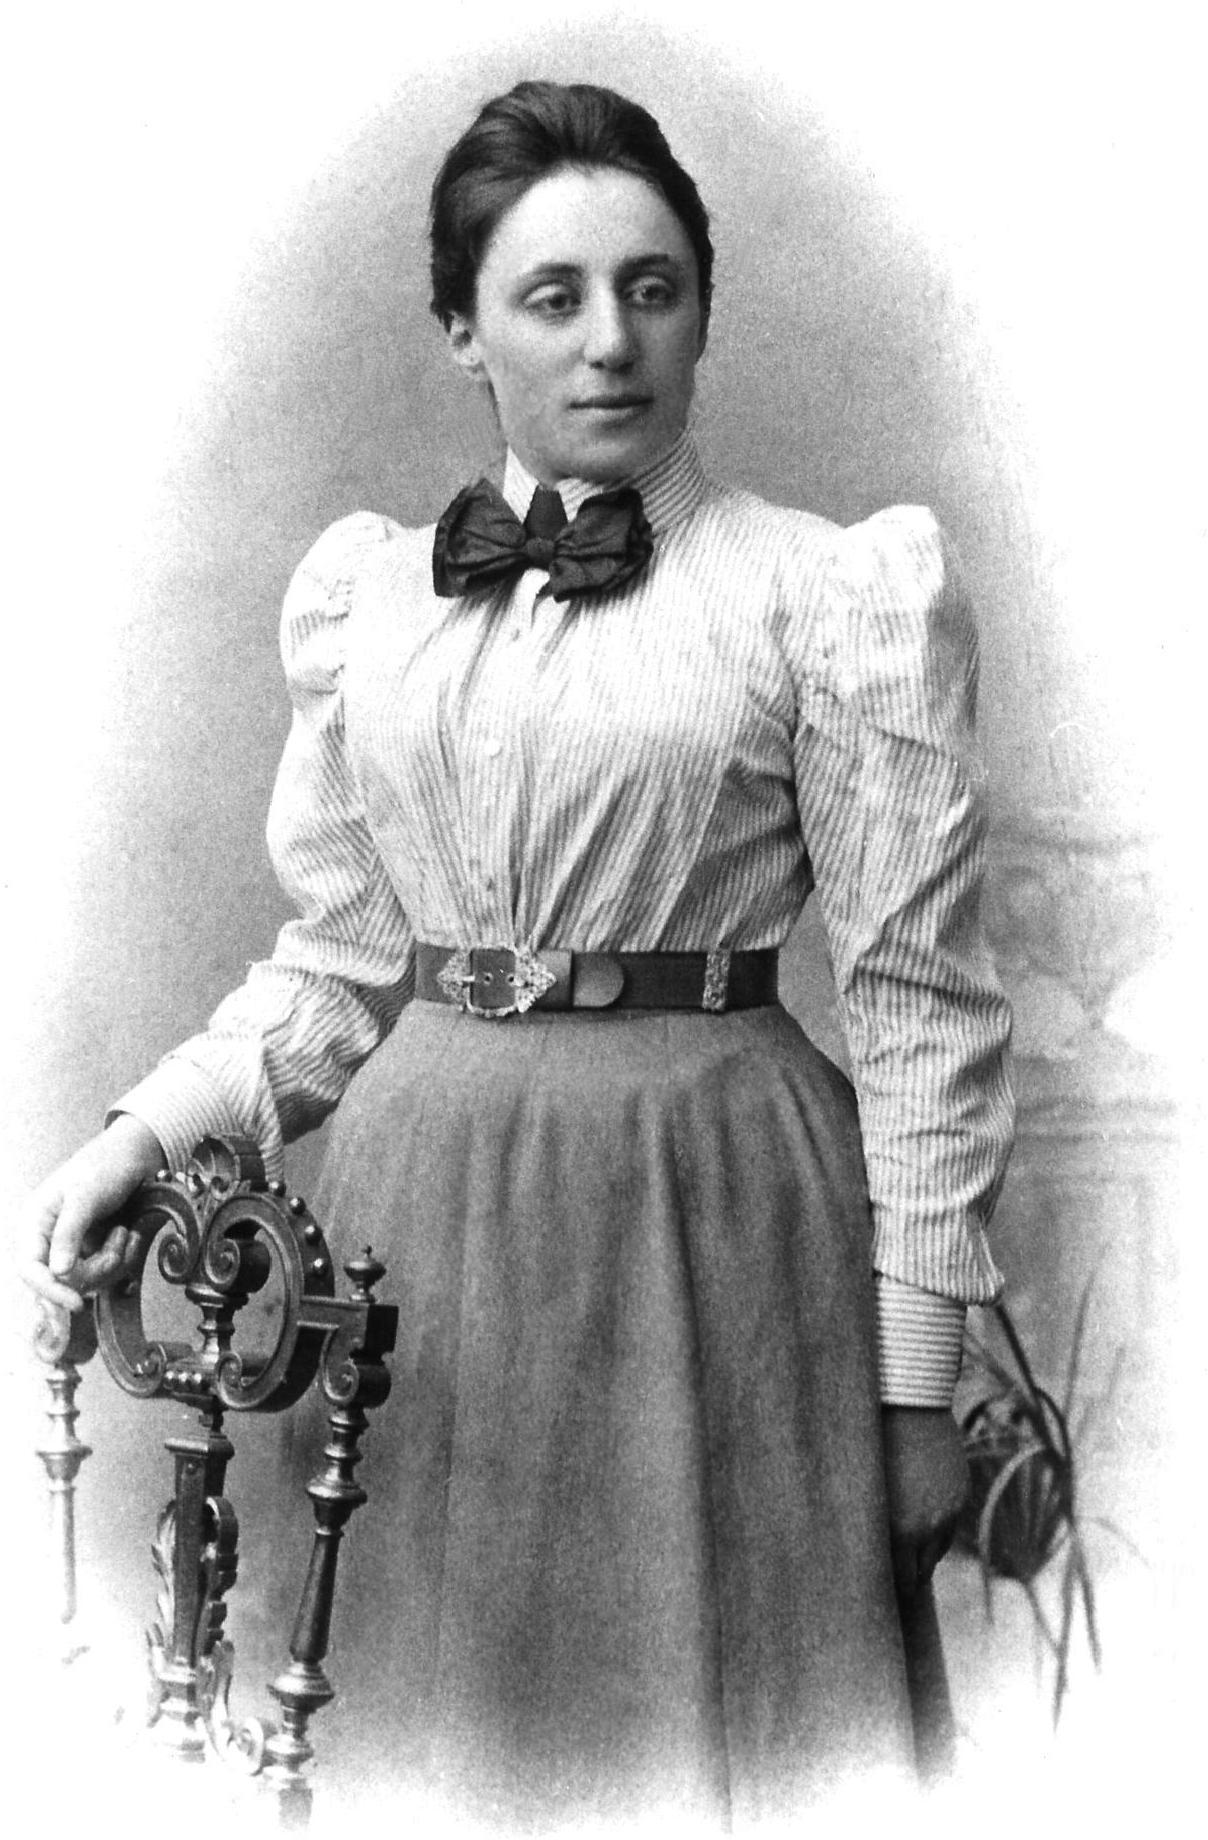 Fotografía de Emmy Noether de pie junto a una silla.